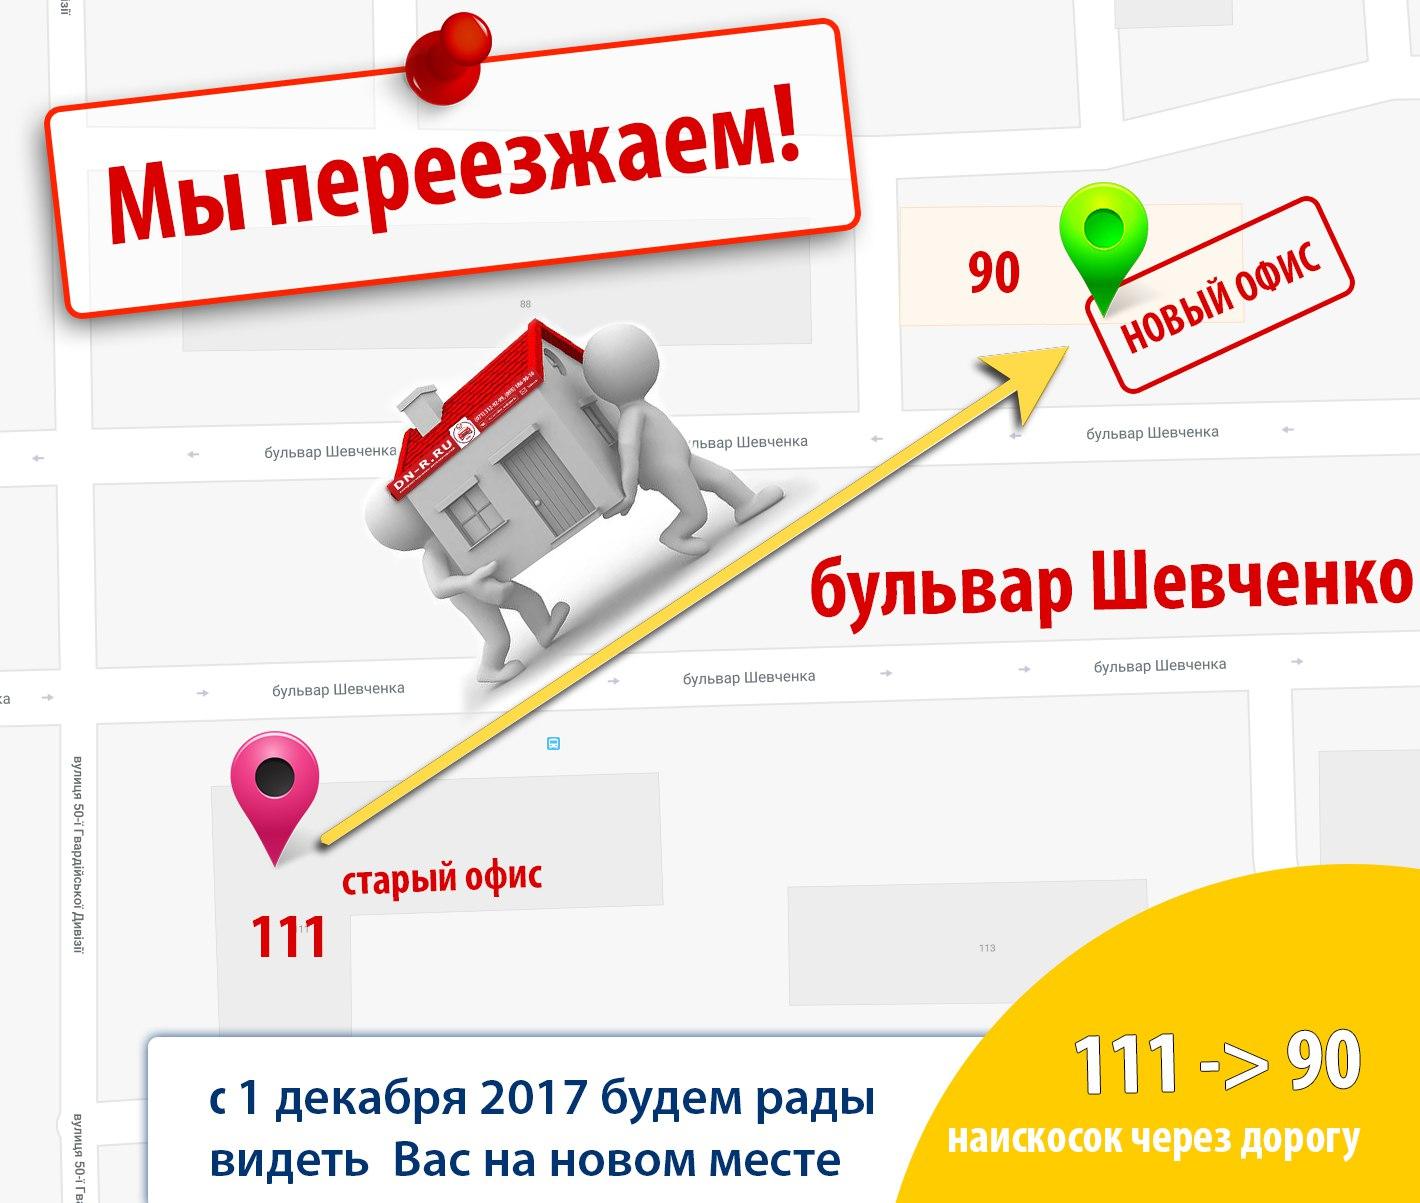 Мы переезжаем на Шевченко 90